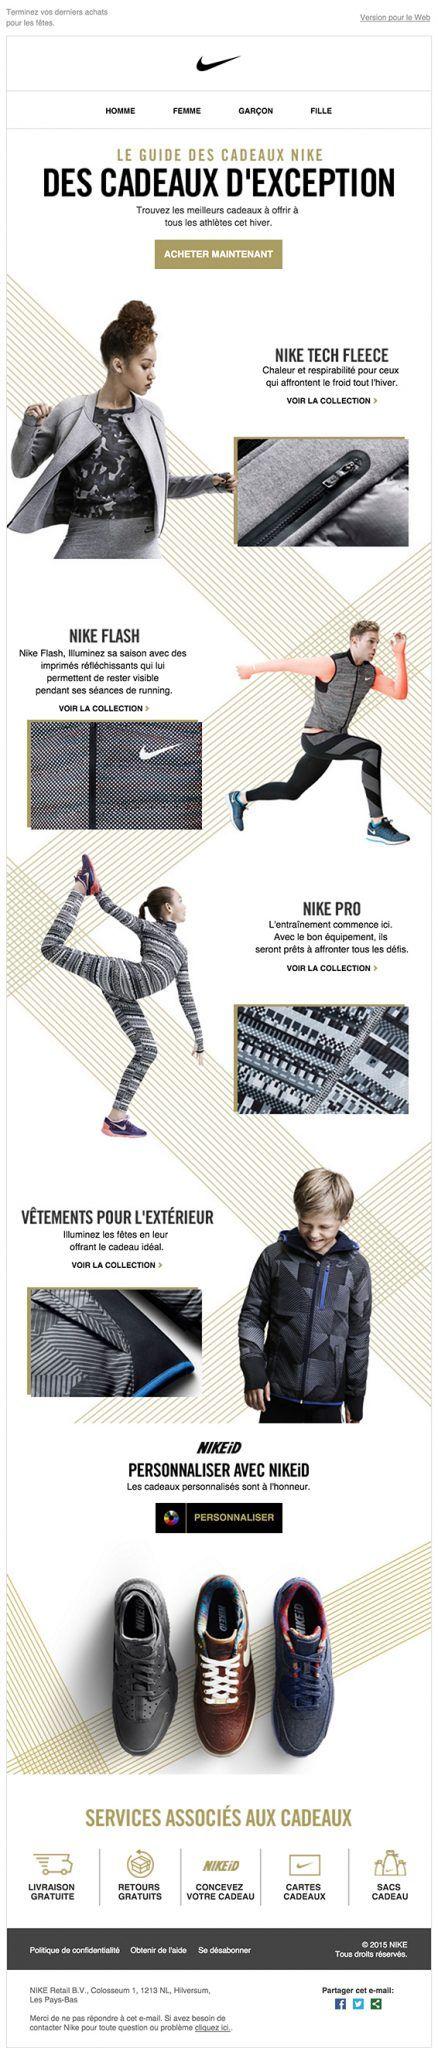 http://www.themailingbook.com/newsletters/ajoutez-les-derniers-cadeaux-sur-votre-liste Nike newsletter